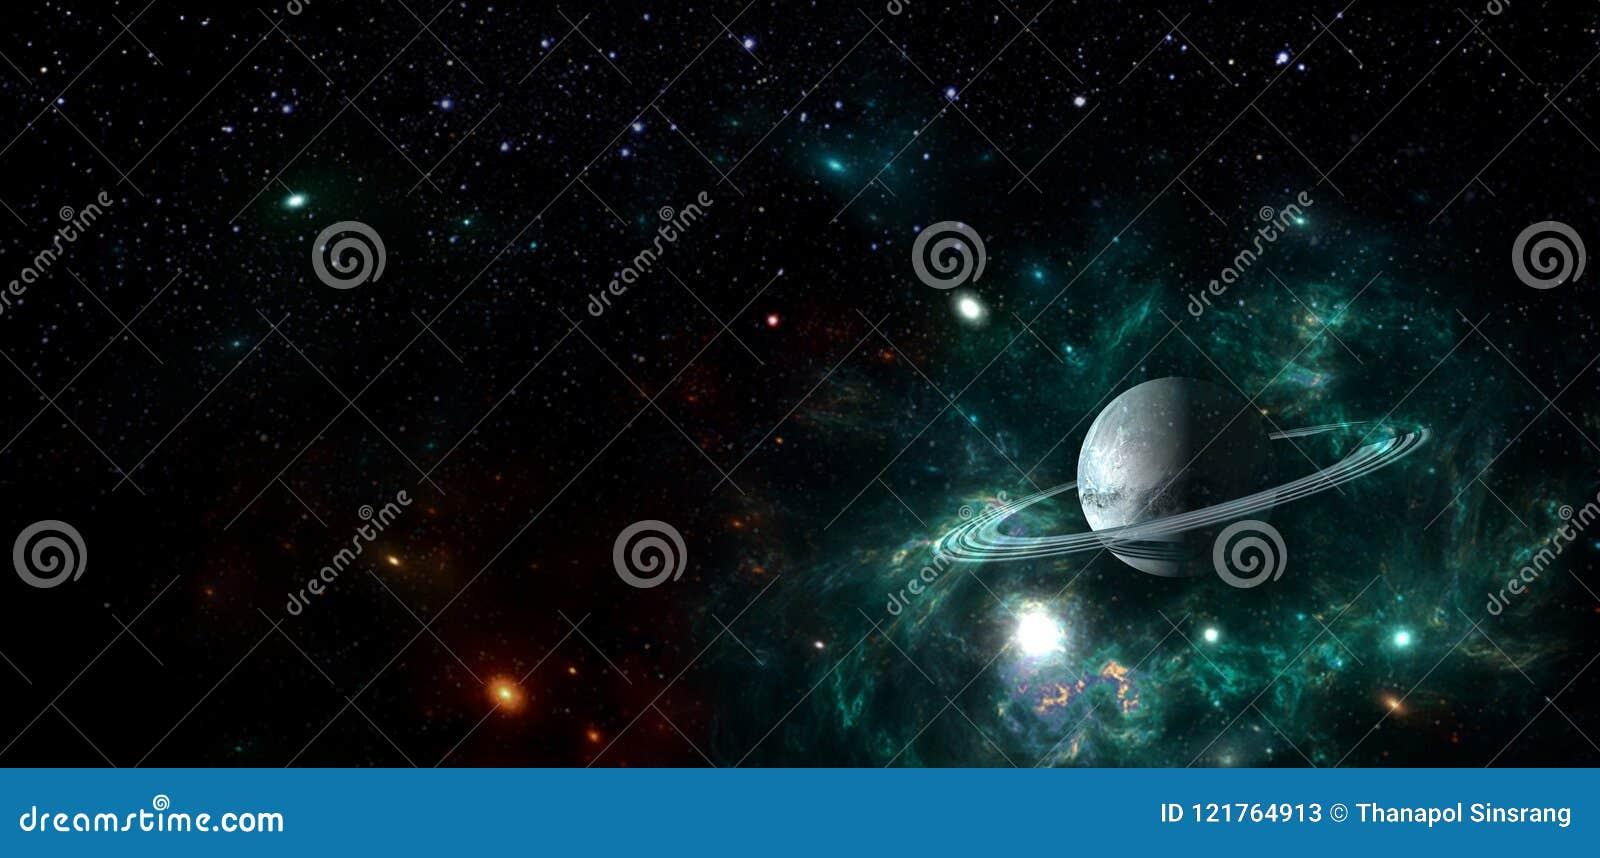 Planetas e galáxia, papel de parede da ficção científica Beleza do espaço profundo